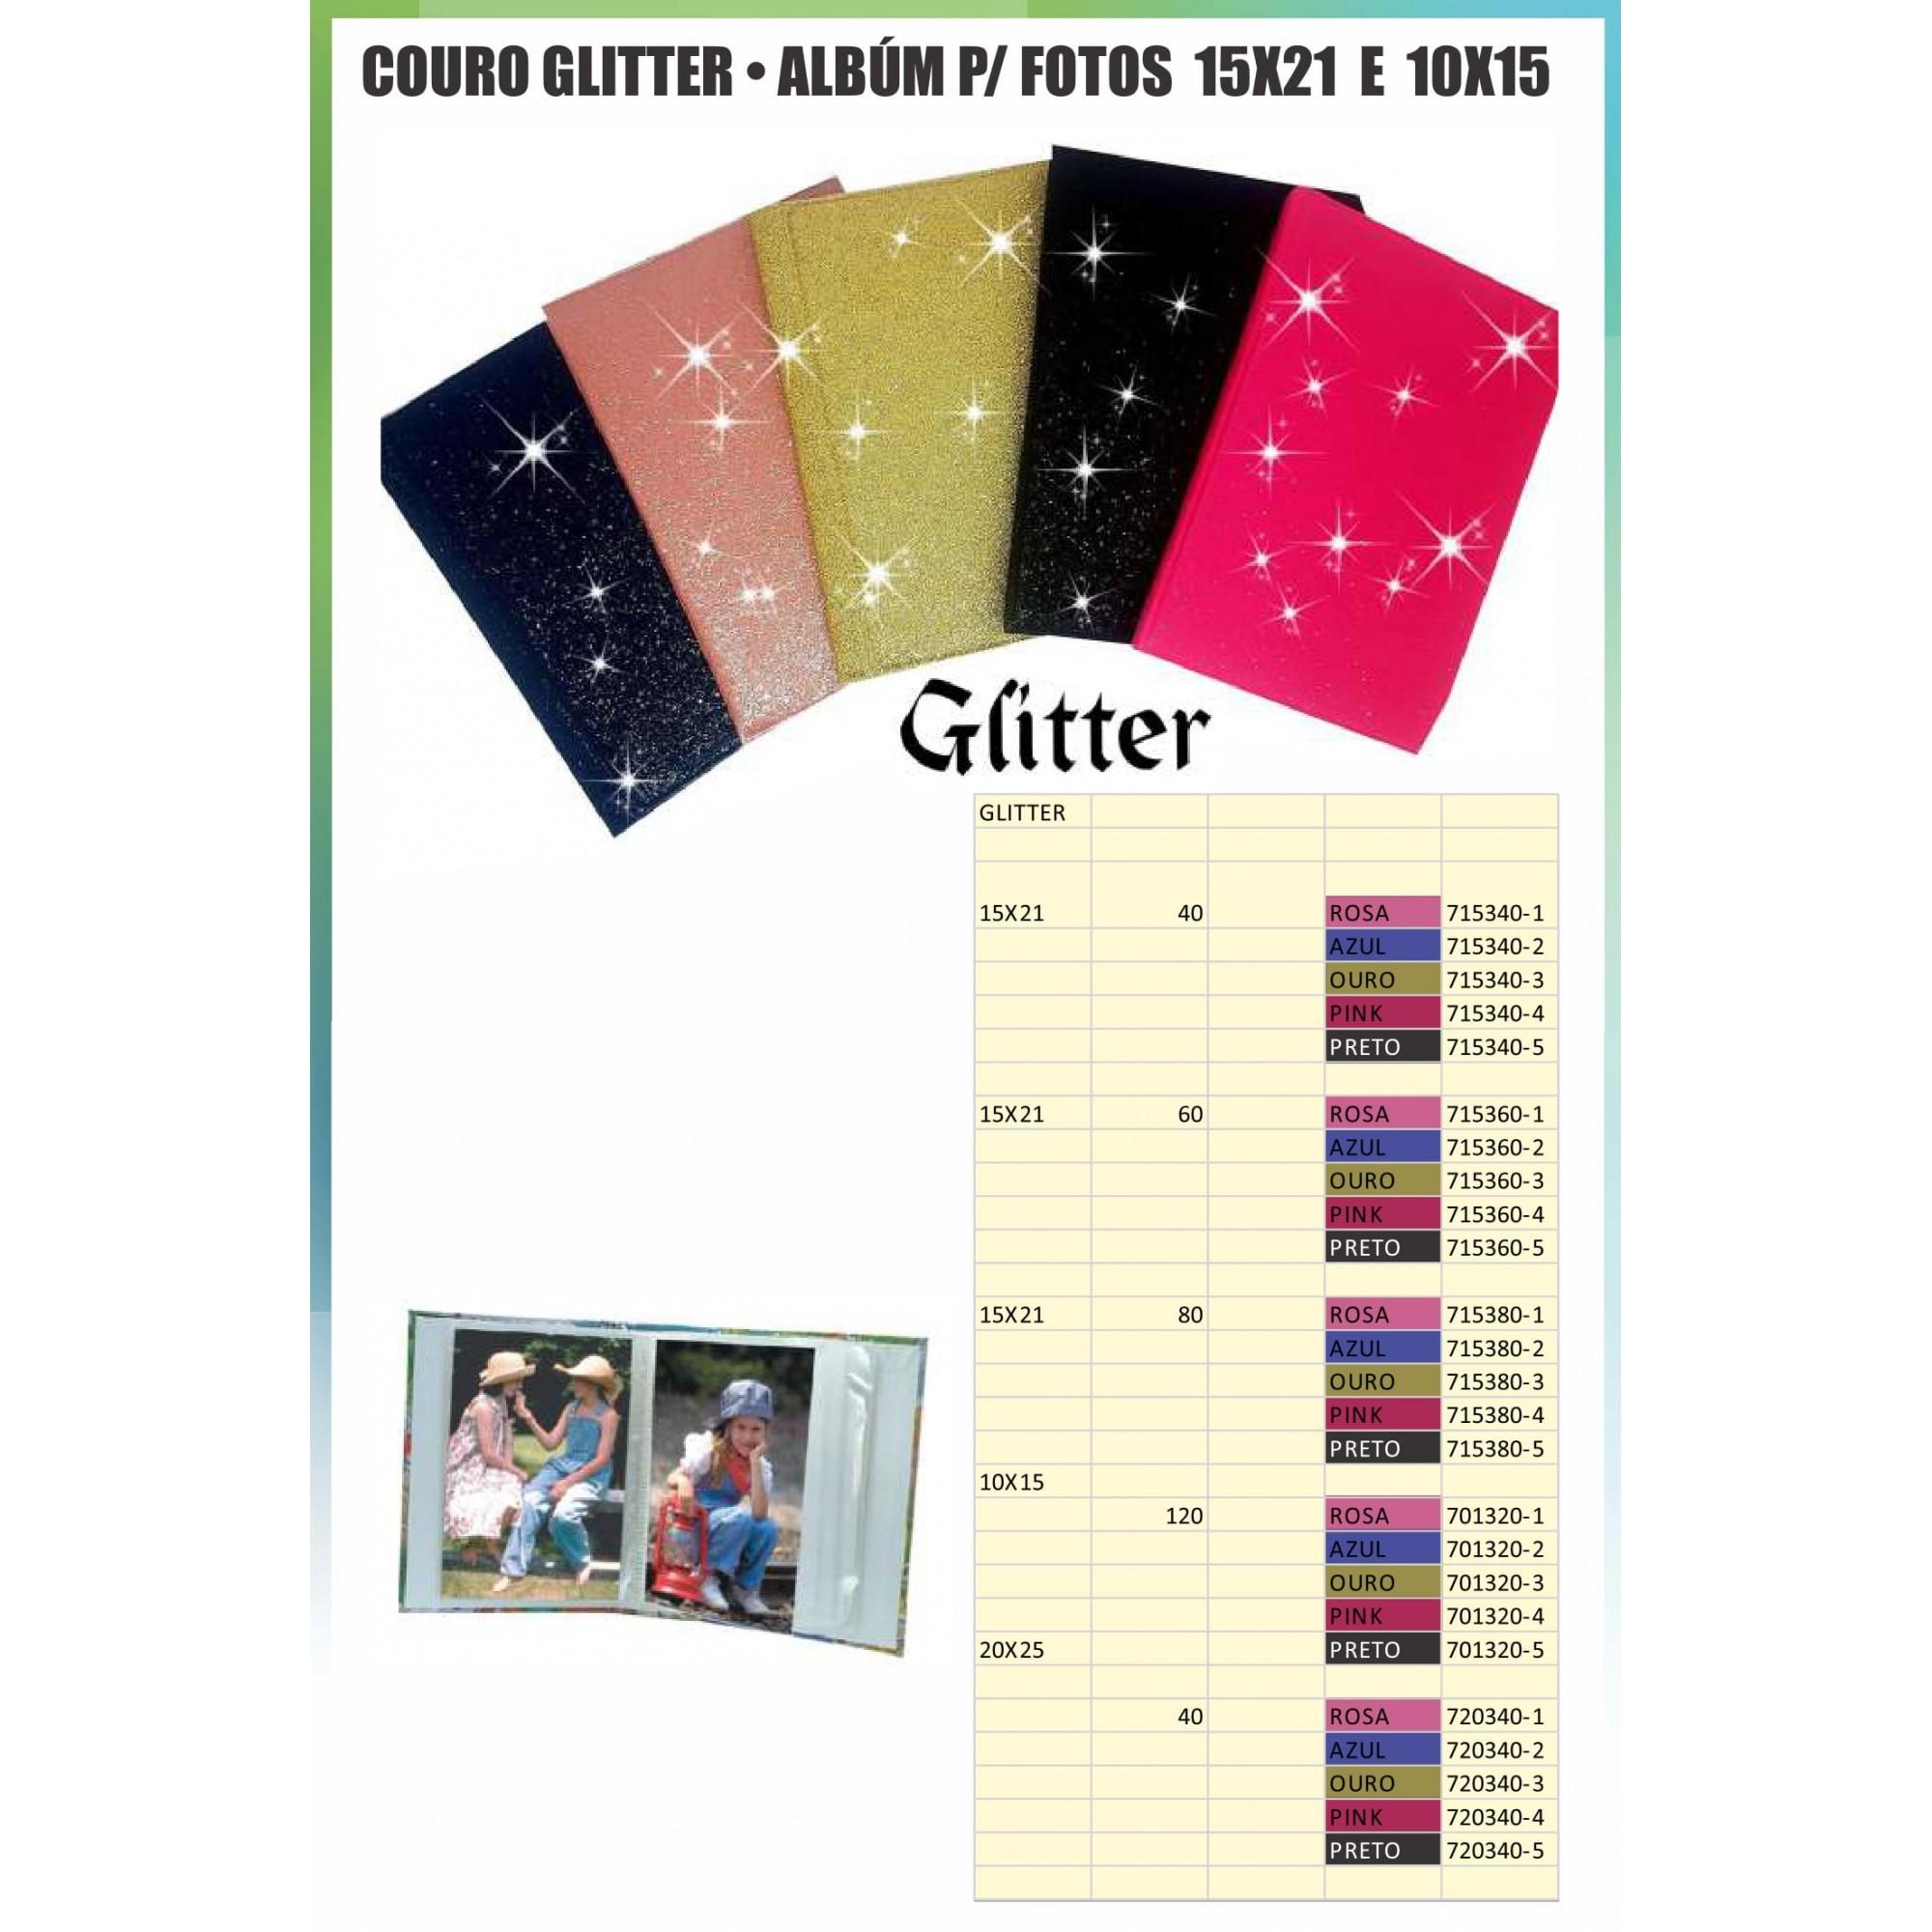 1 Album 10x15 120 Fotos Veludo Couro Ou Glitter